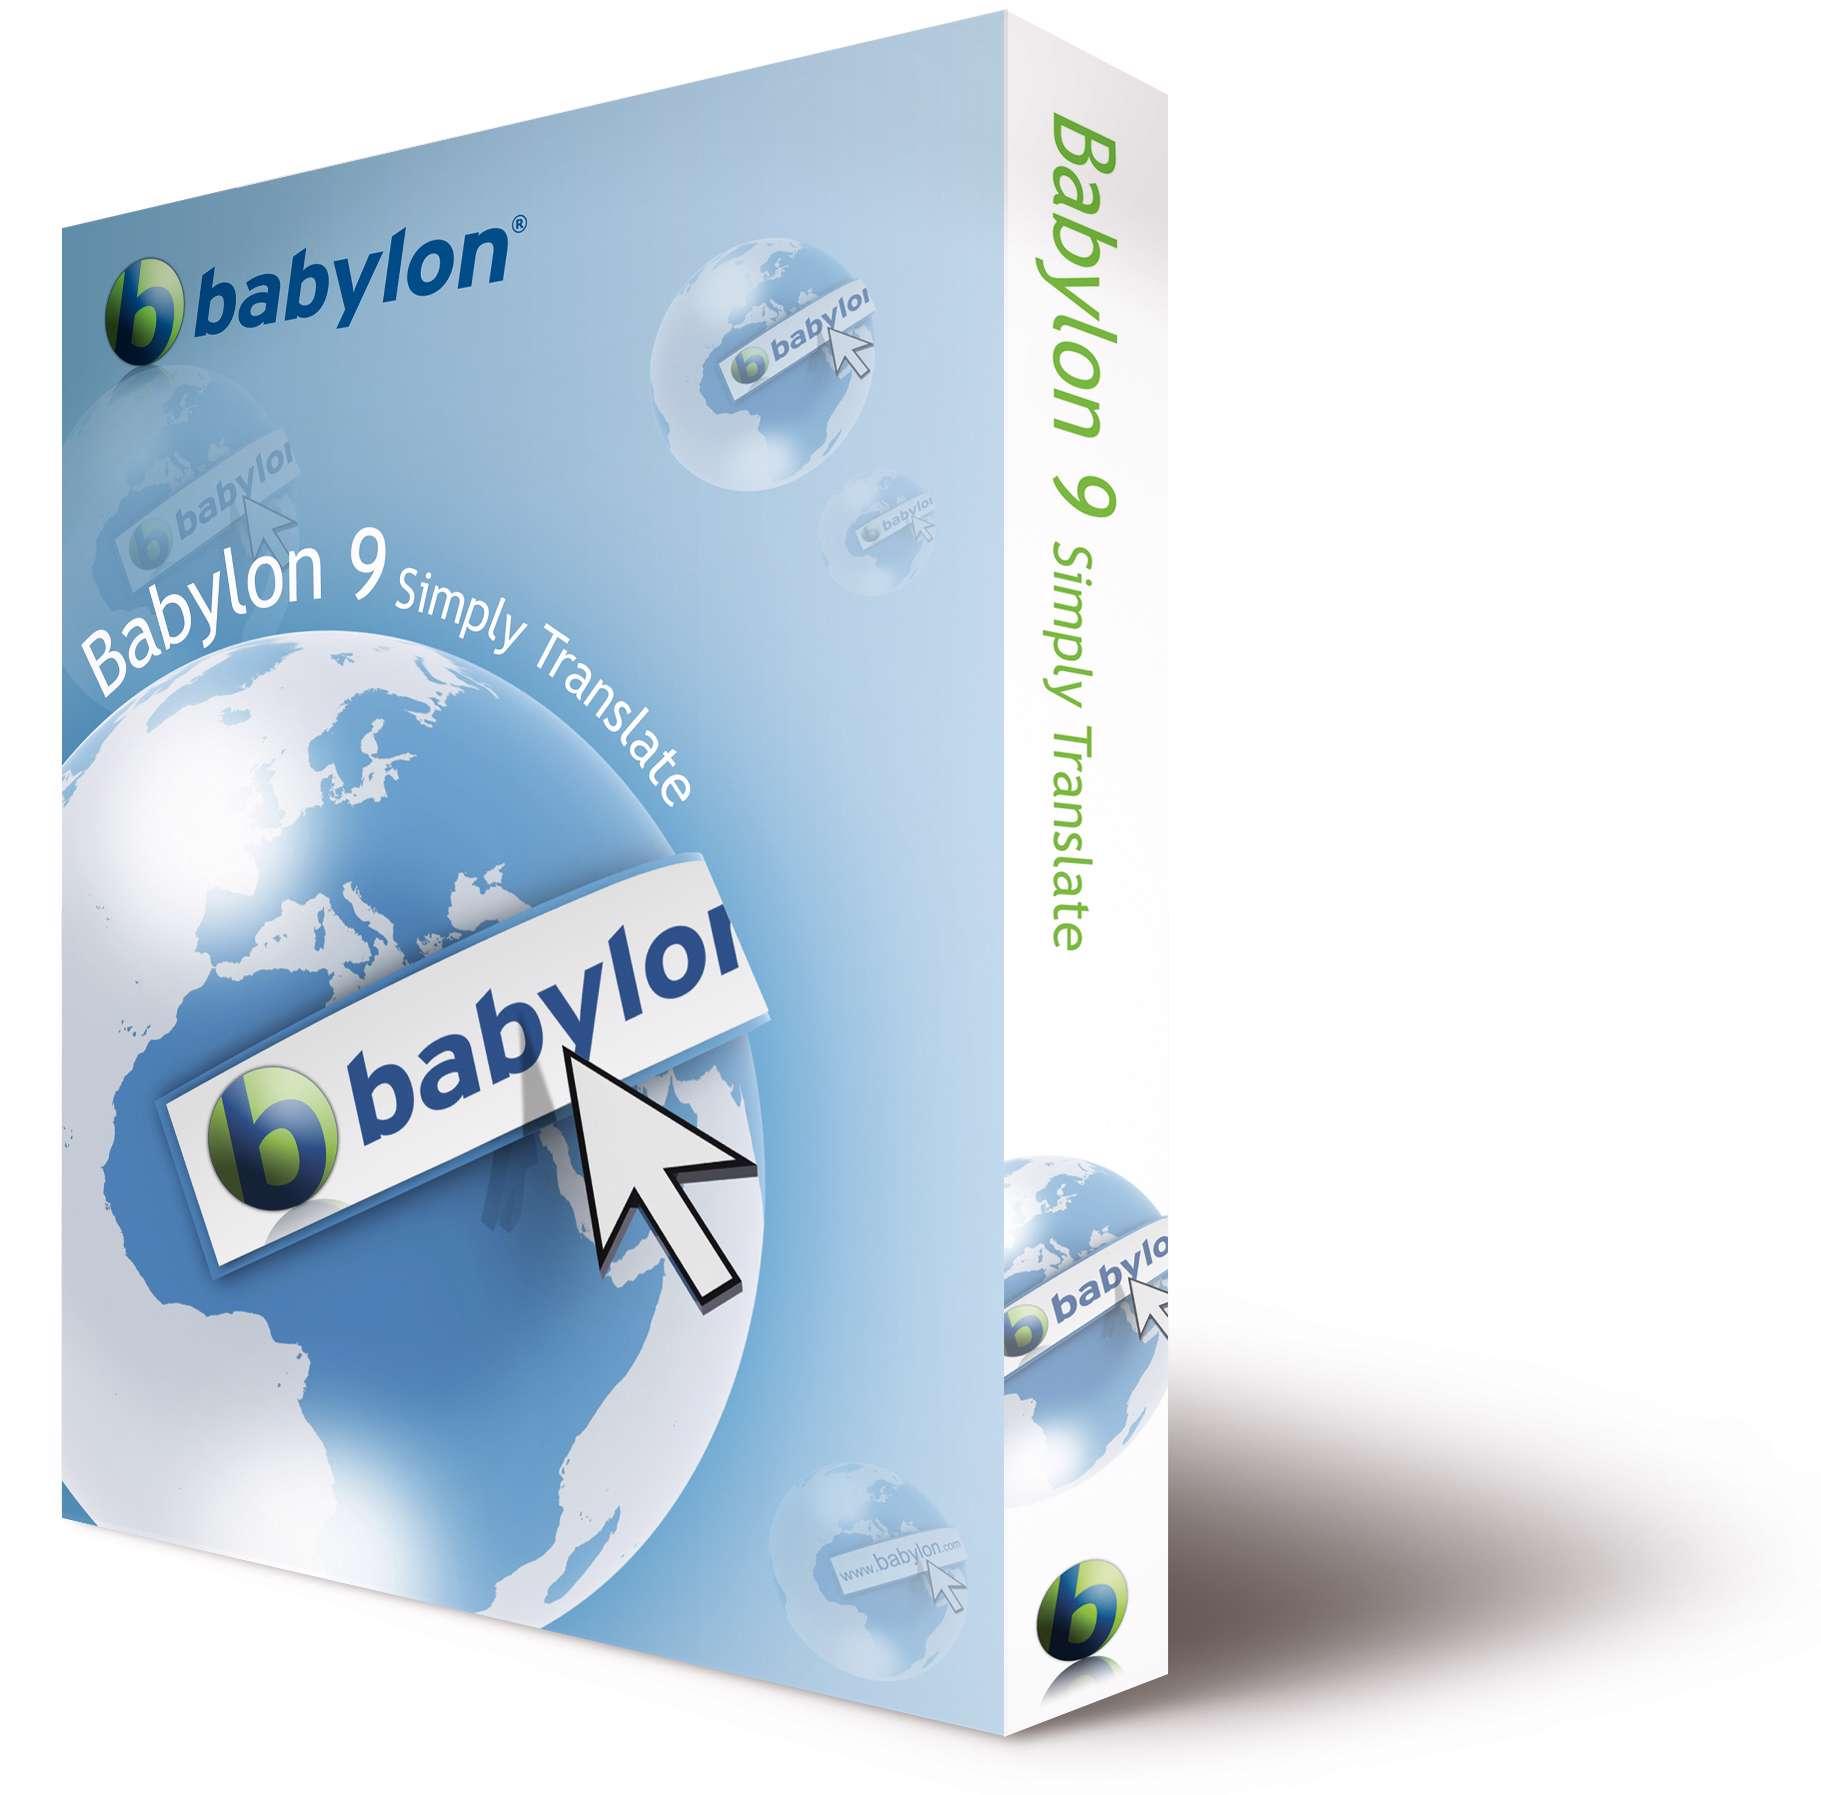 دانلود دیکشنری قدرتمند Babylon 11.0.0.26